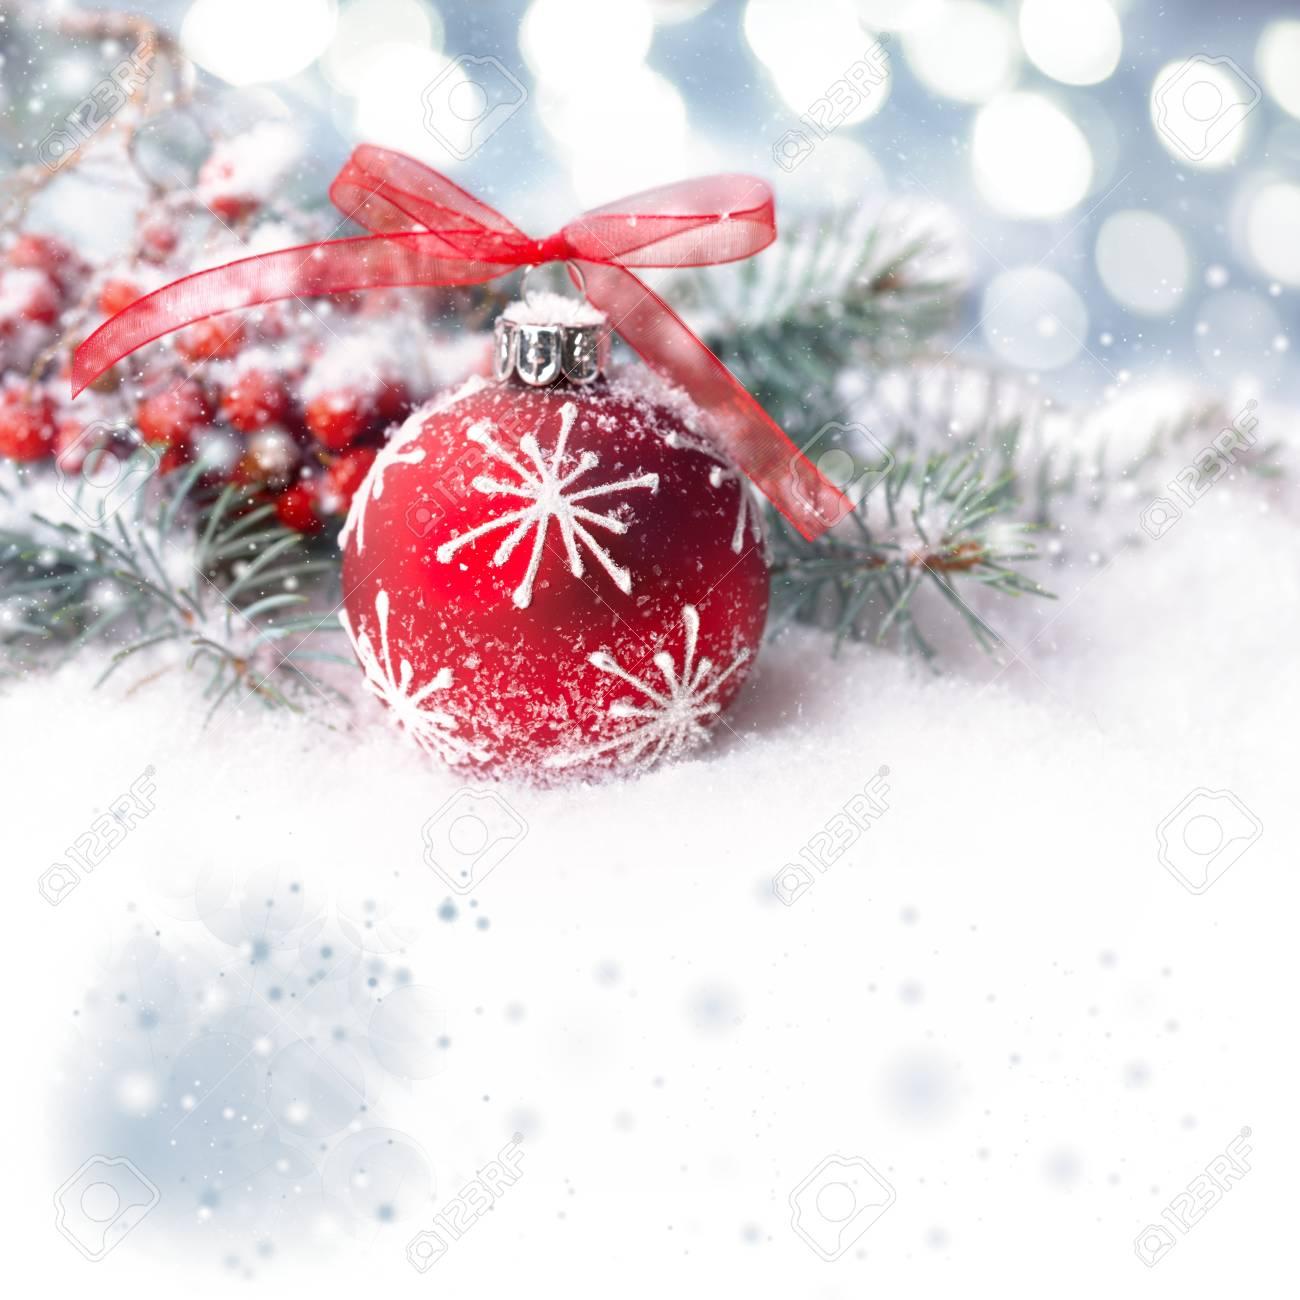 Weihnachten Hintergrund Mit Roten Blase Auf Show, Platz Für Ihre ...